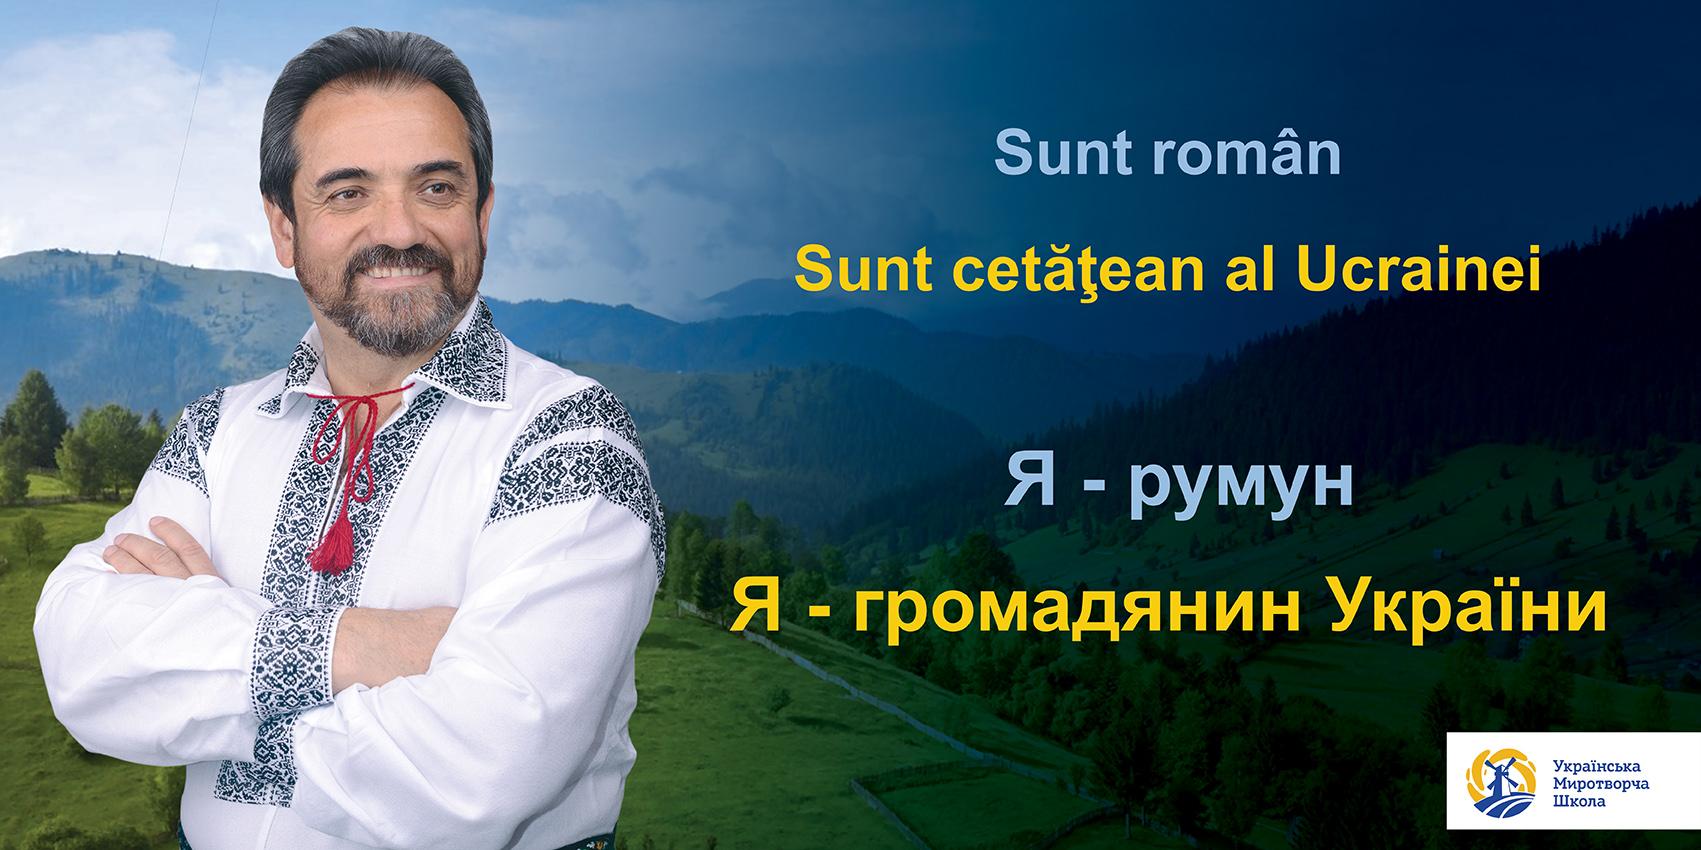 I_am_Rumun_Bukovina (1)